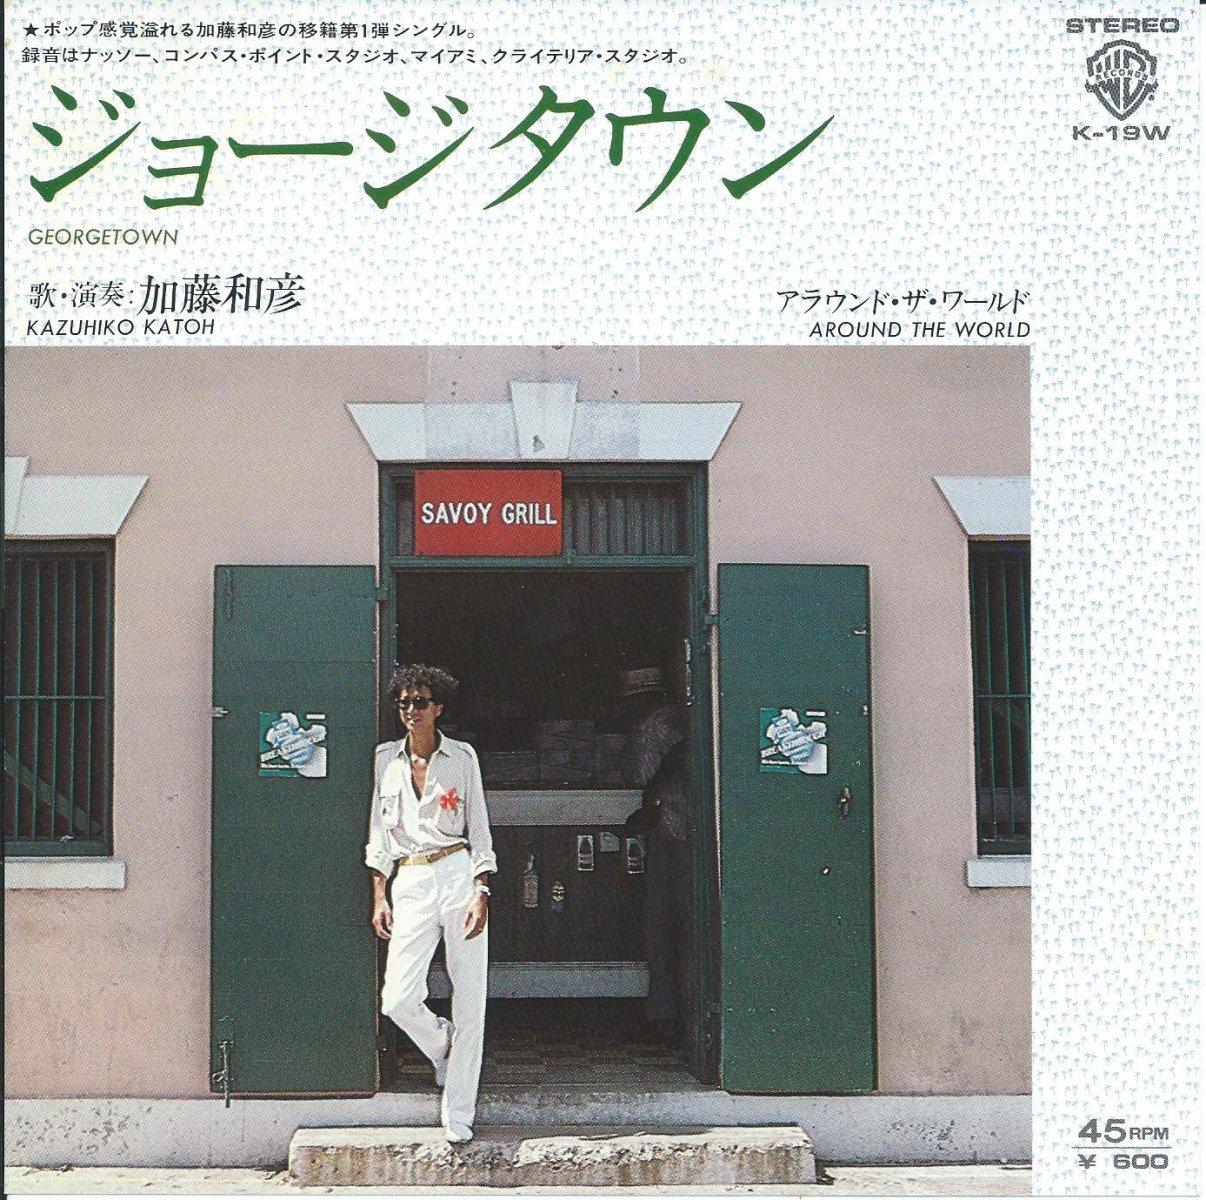 加藤和彦 KAZUHIKO KATOH / ジョージタウン GEORGETOWN / アラウンド・ザ・ワールド AROUND THE WORLD (7